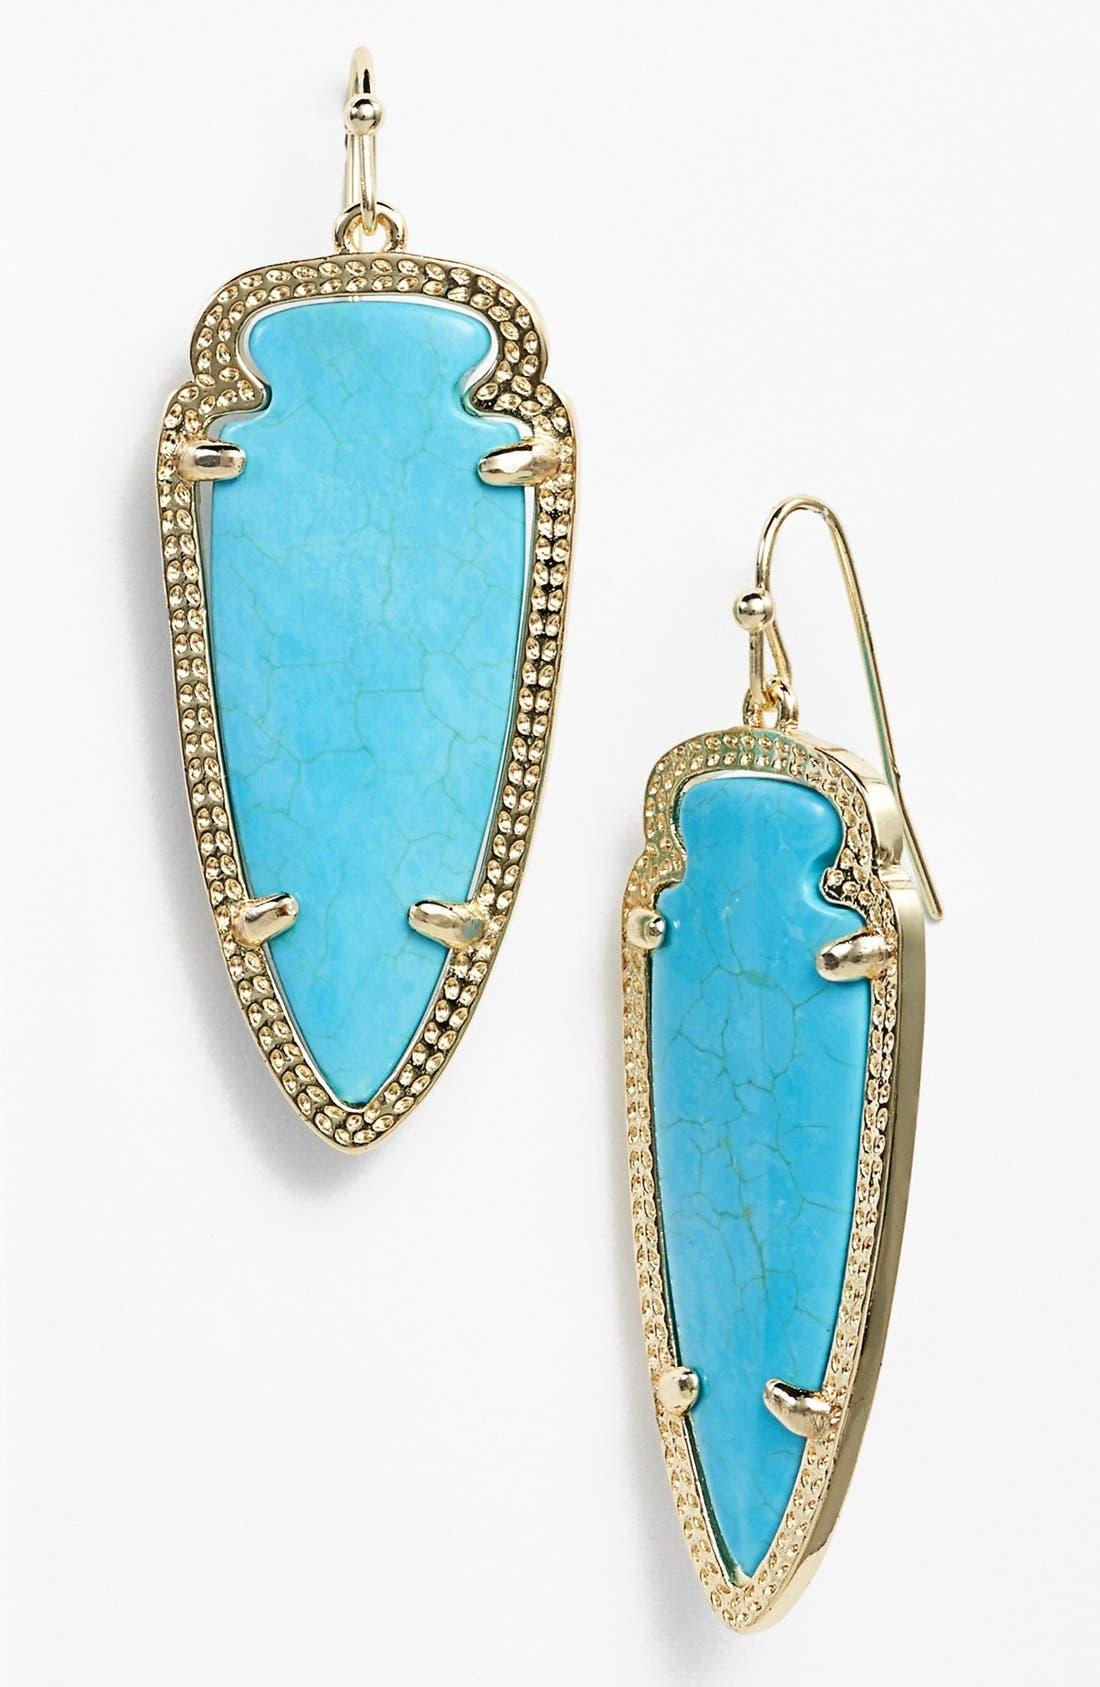 Main Image - Kendra Scott 'Sky Spear' Small Statement Earrings